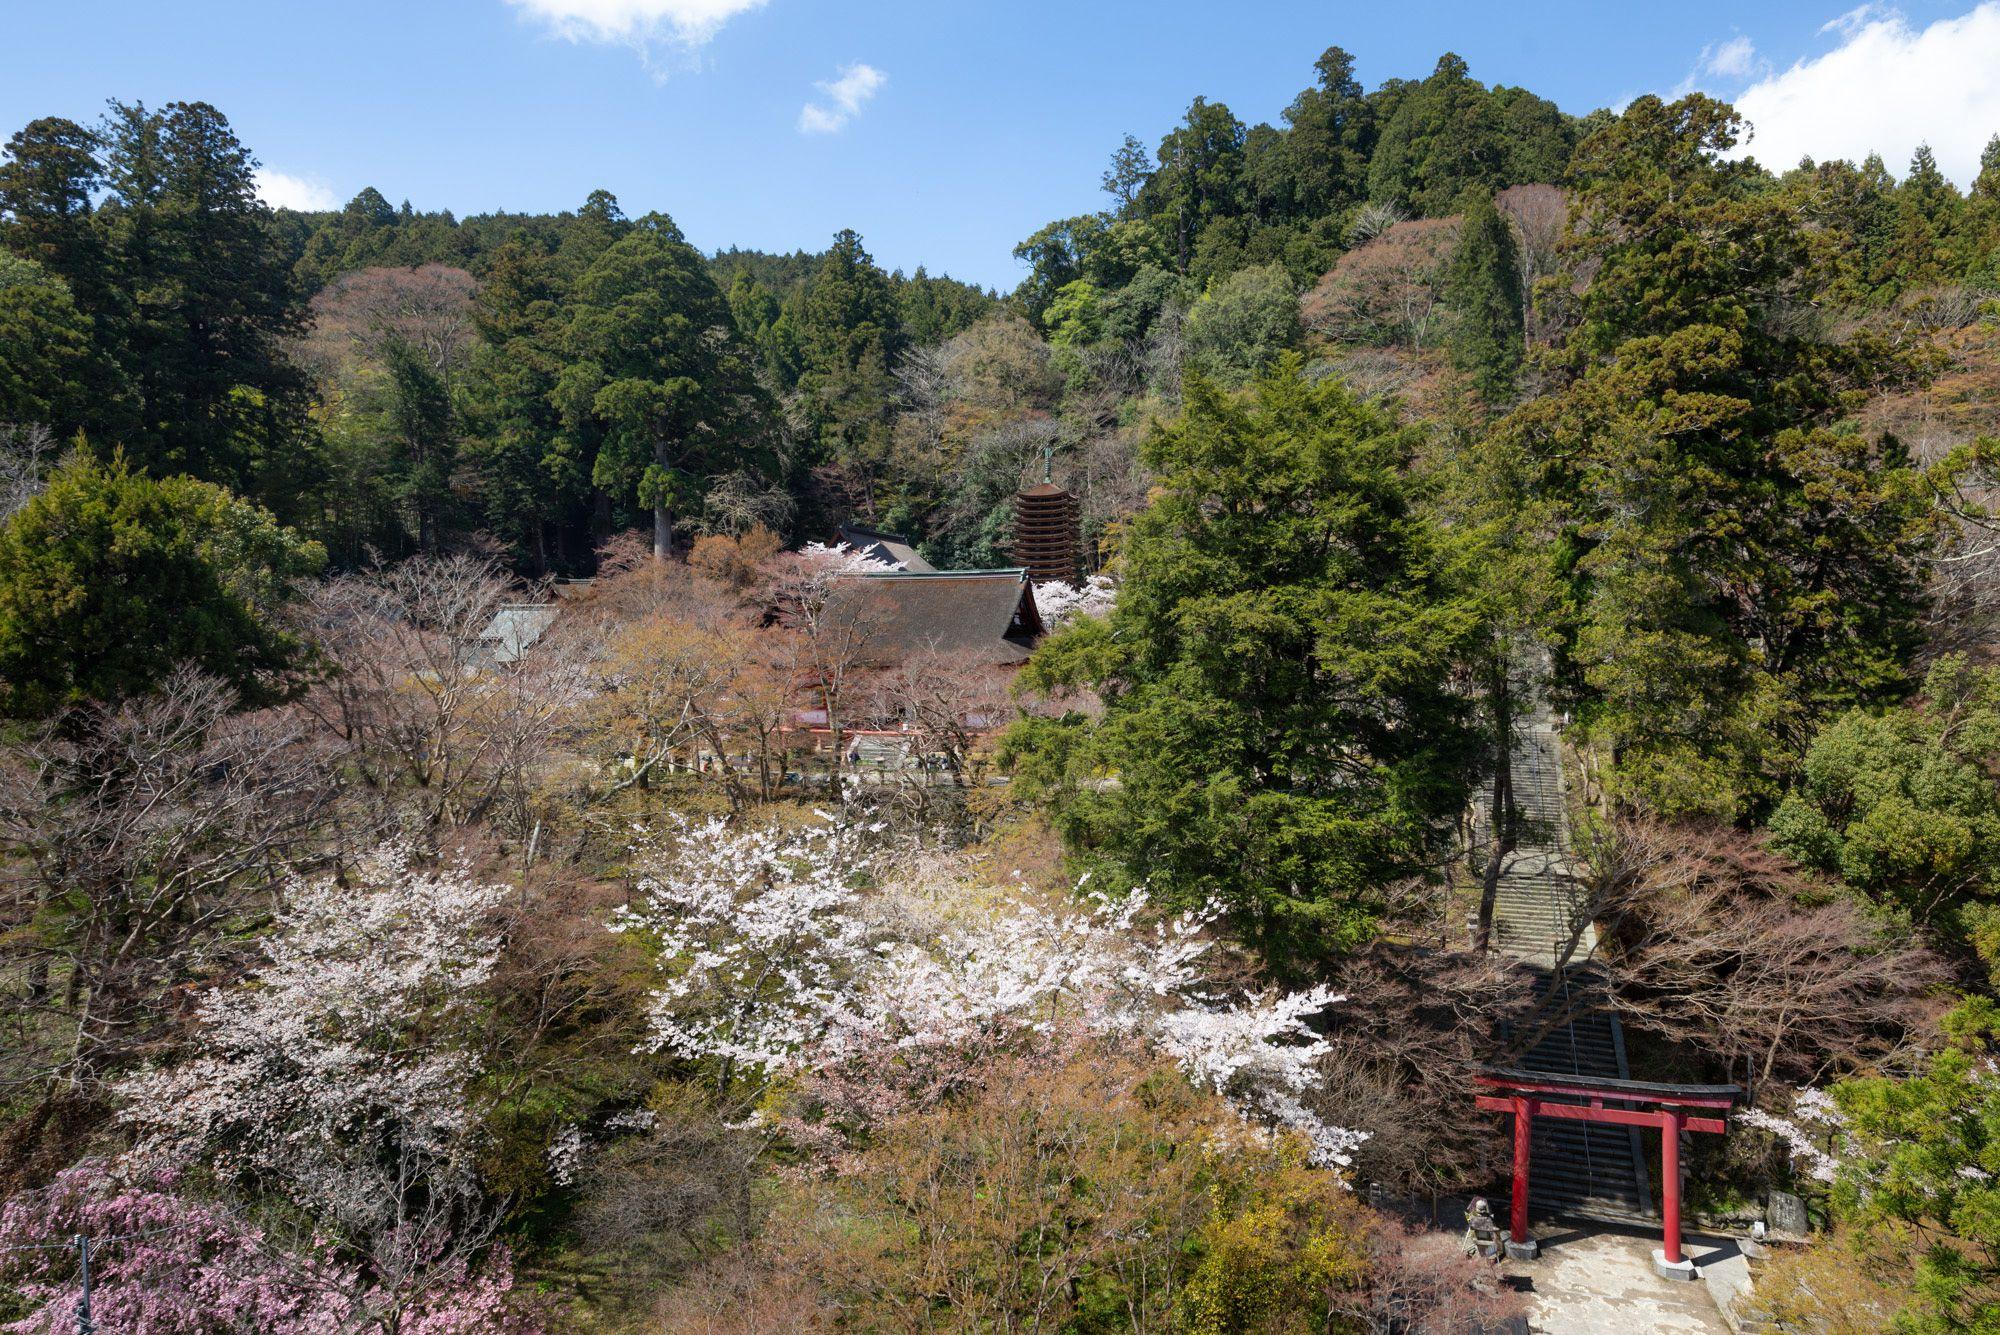 谷の向かい側から見た談山神社。鳥居と塔が同居している景色は、神仏習合の姿を残している。